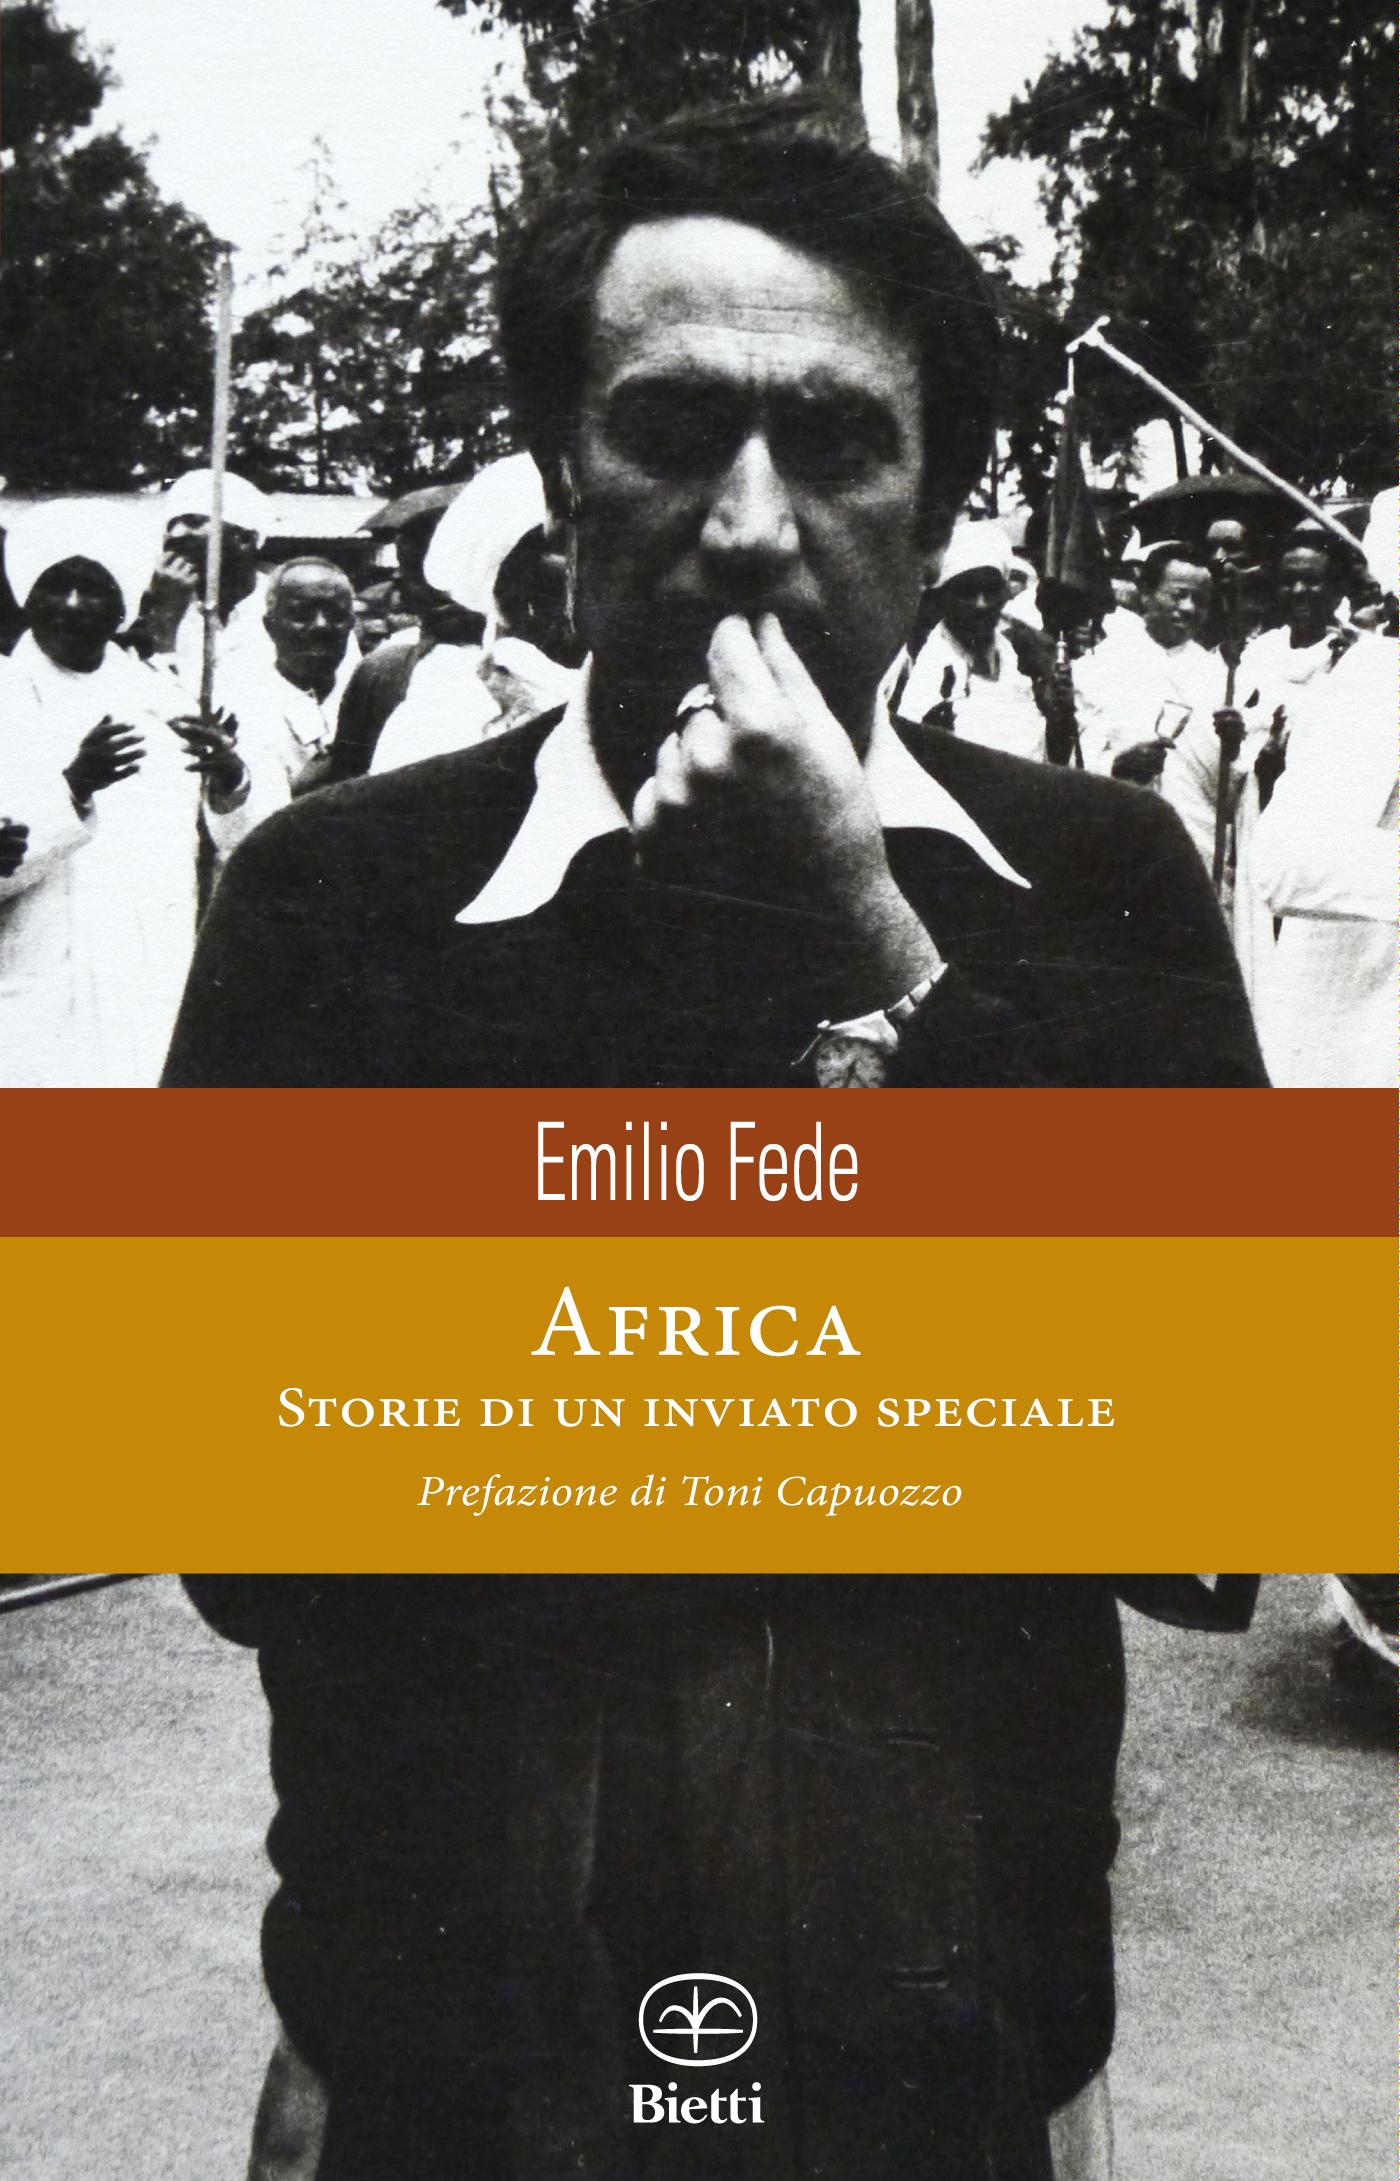 Africa. Storie di un inviato speciale